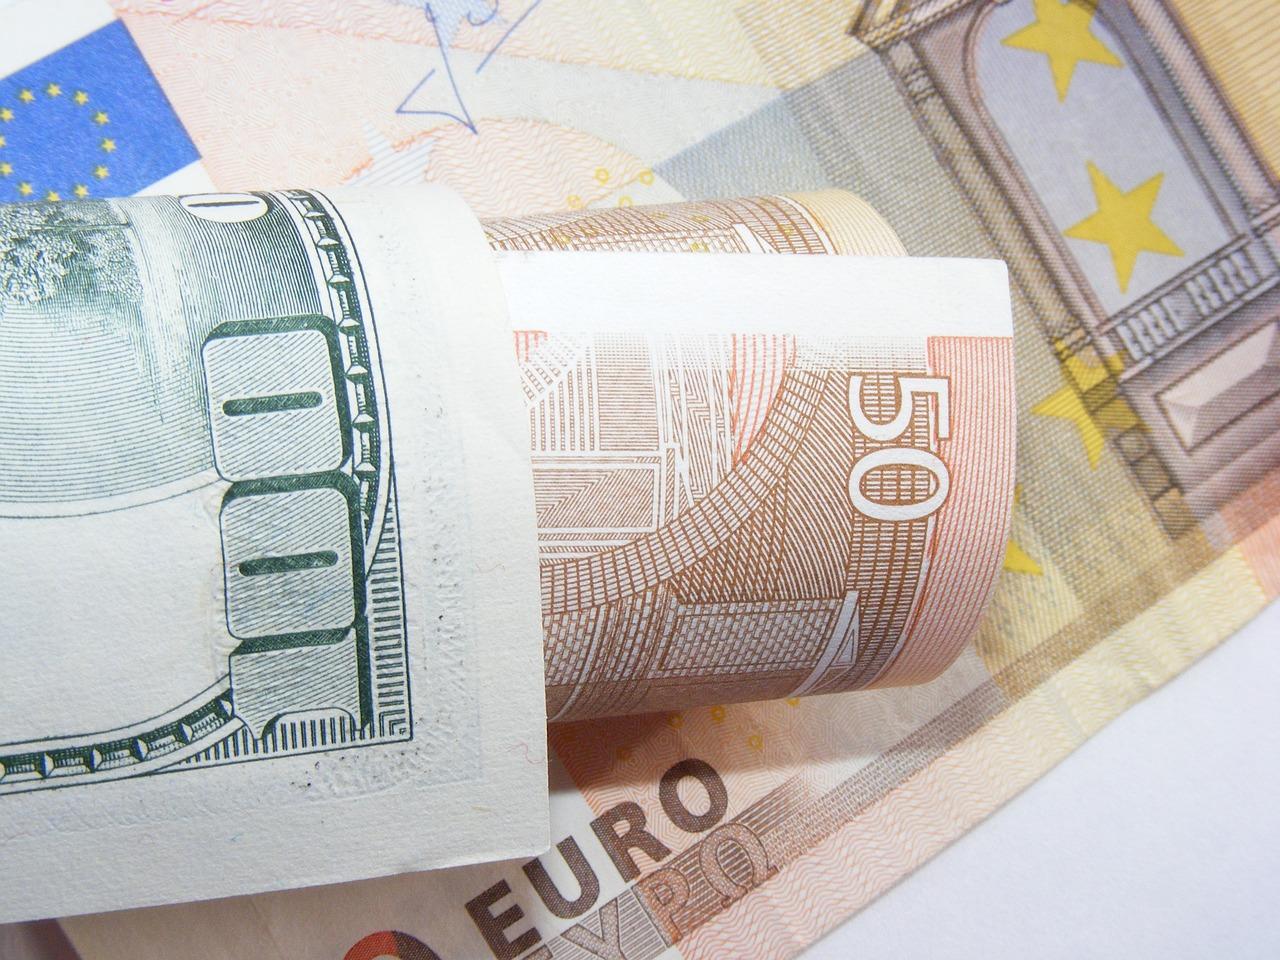 dolares-a-euros-petro